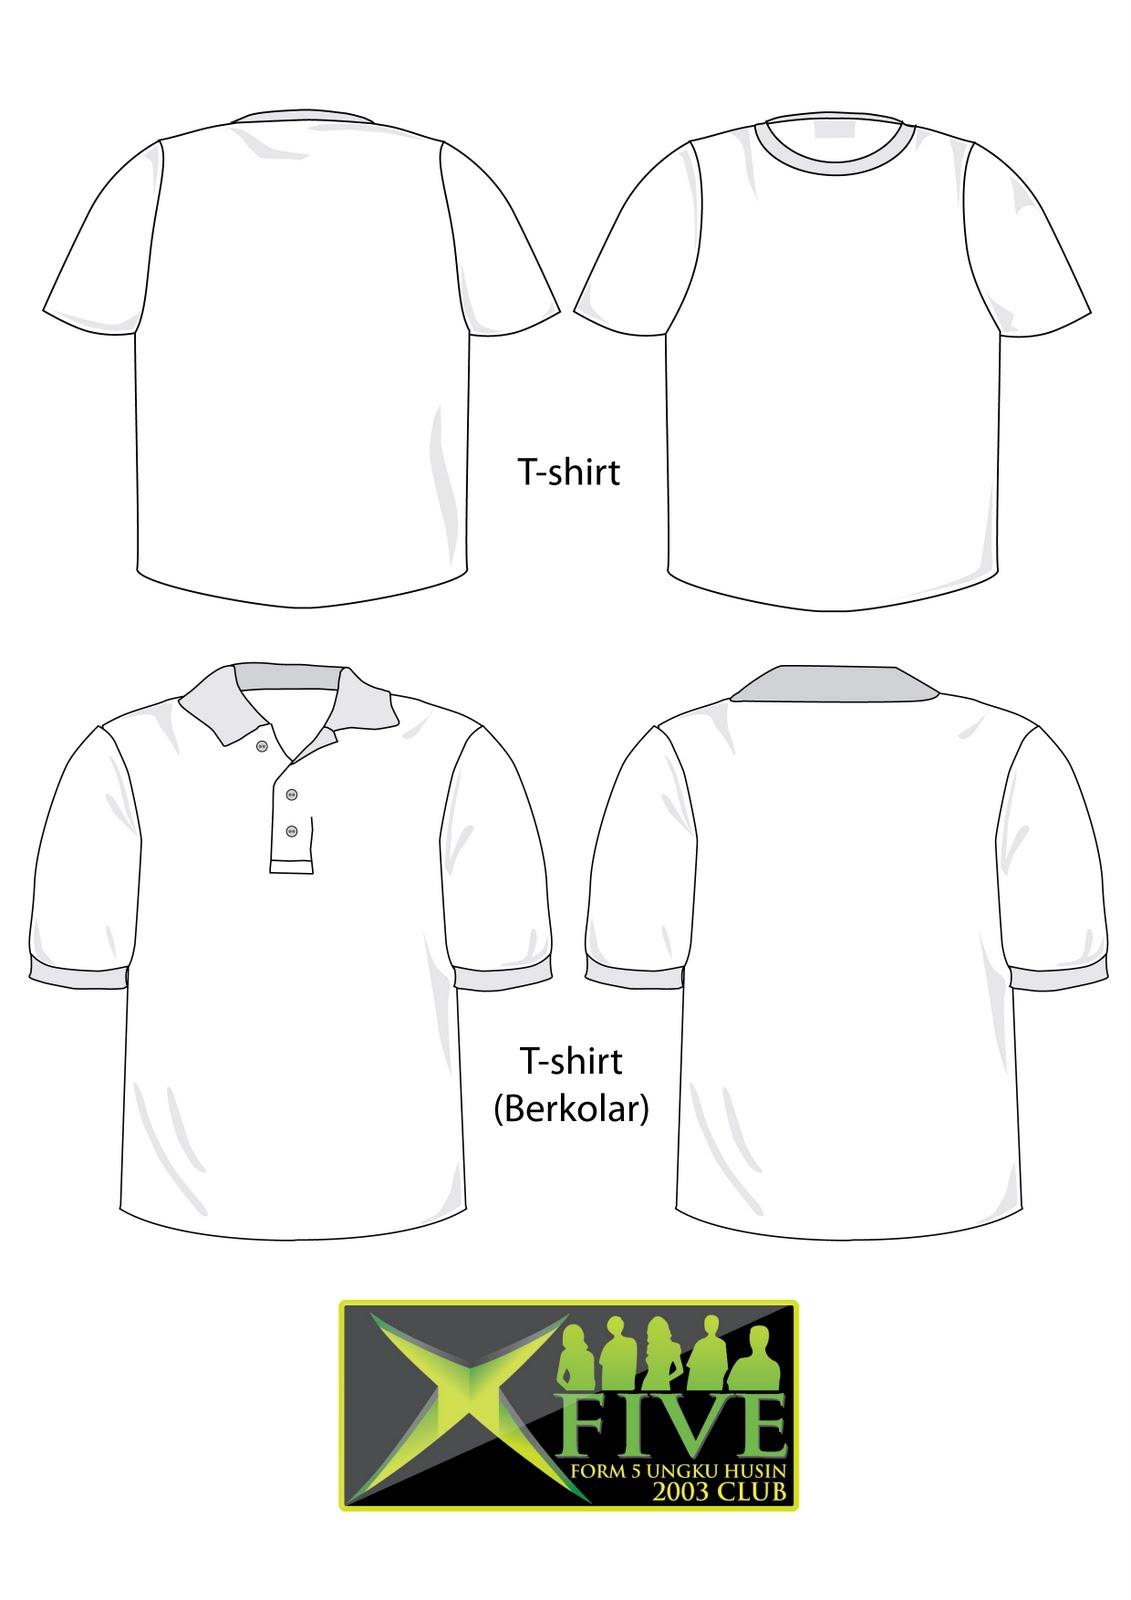 Designs contoh baju t shirt design baju berkolar shirt berkolar - Cadangan Menghasilkan T Shirt Kelab